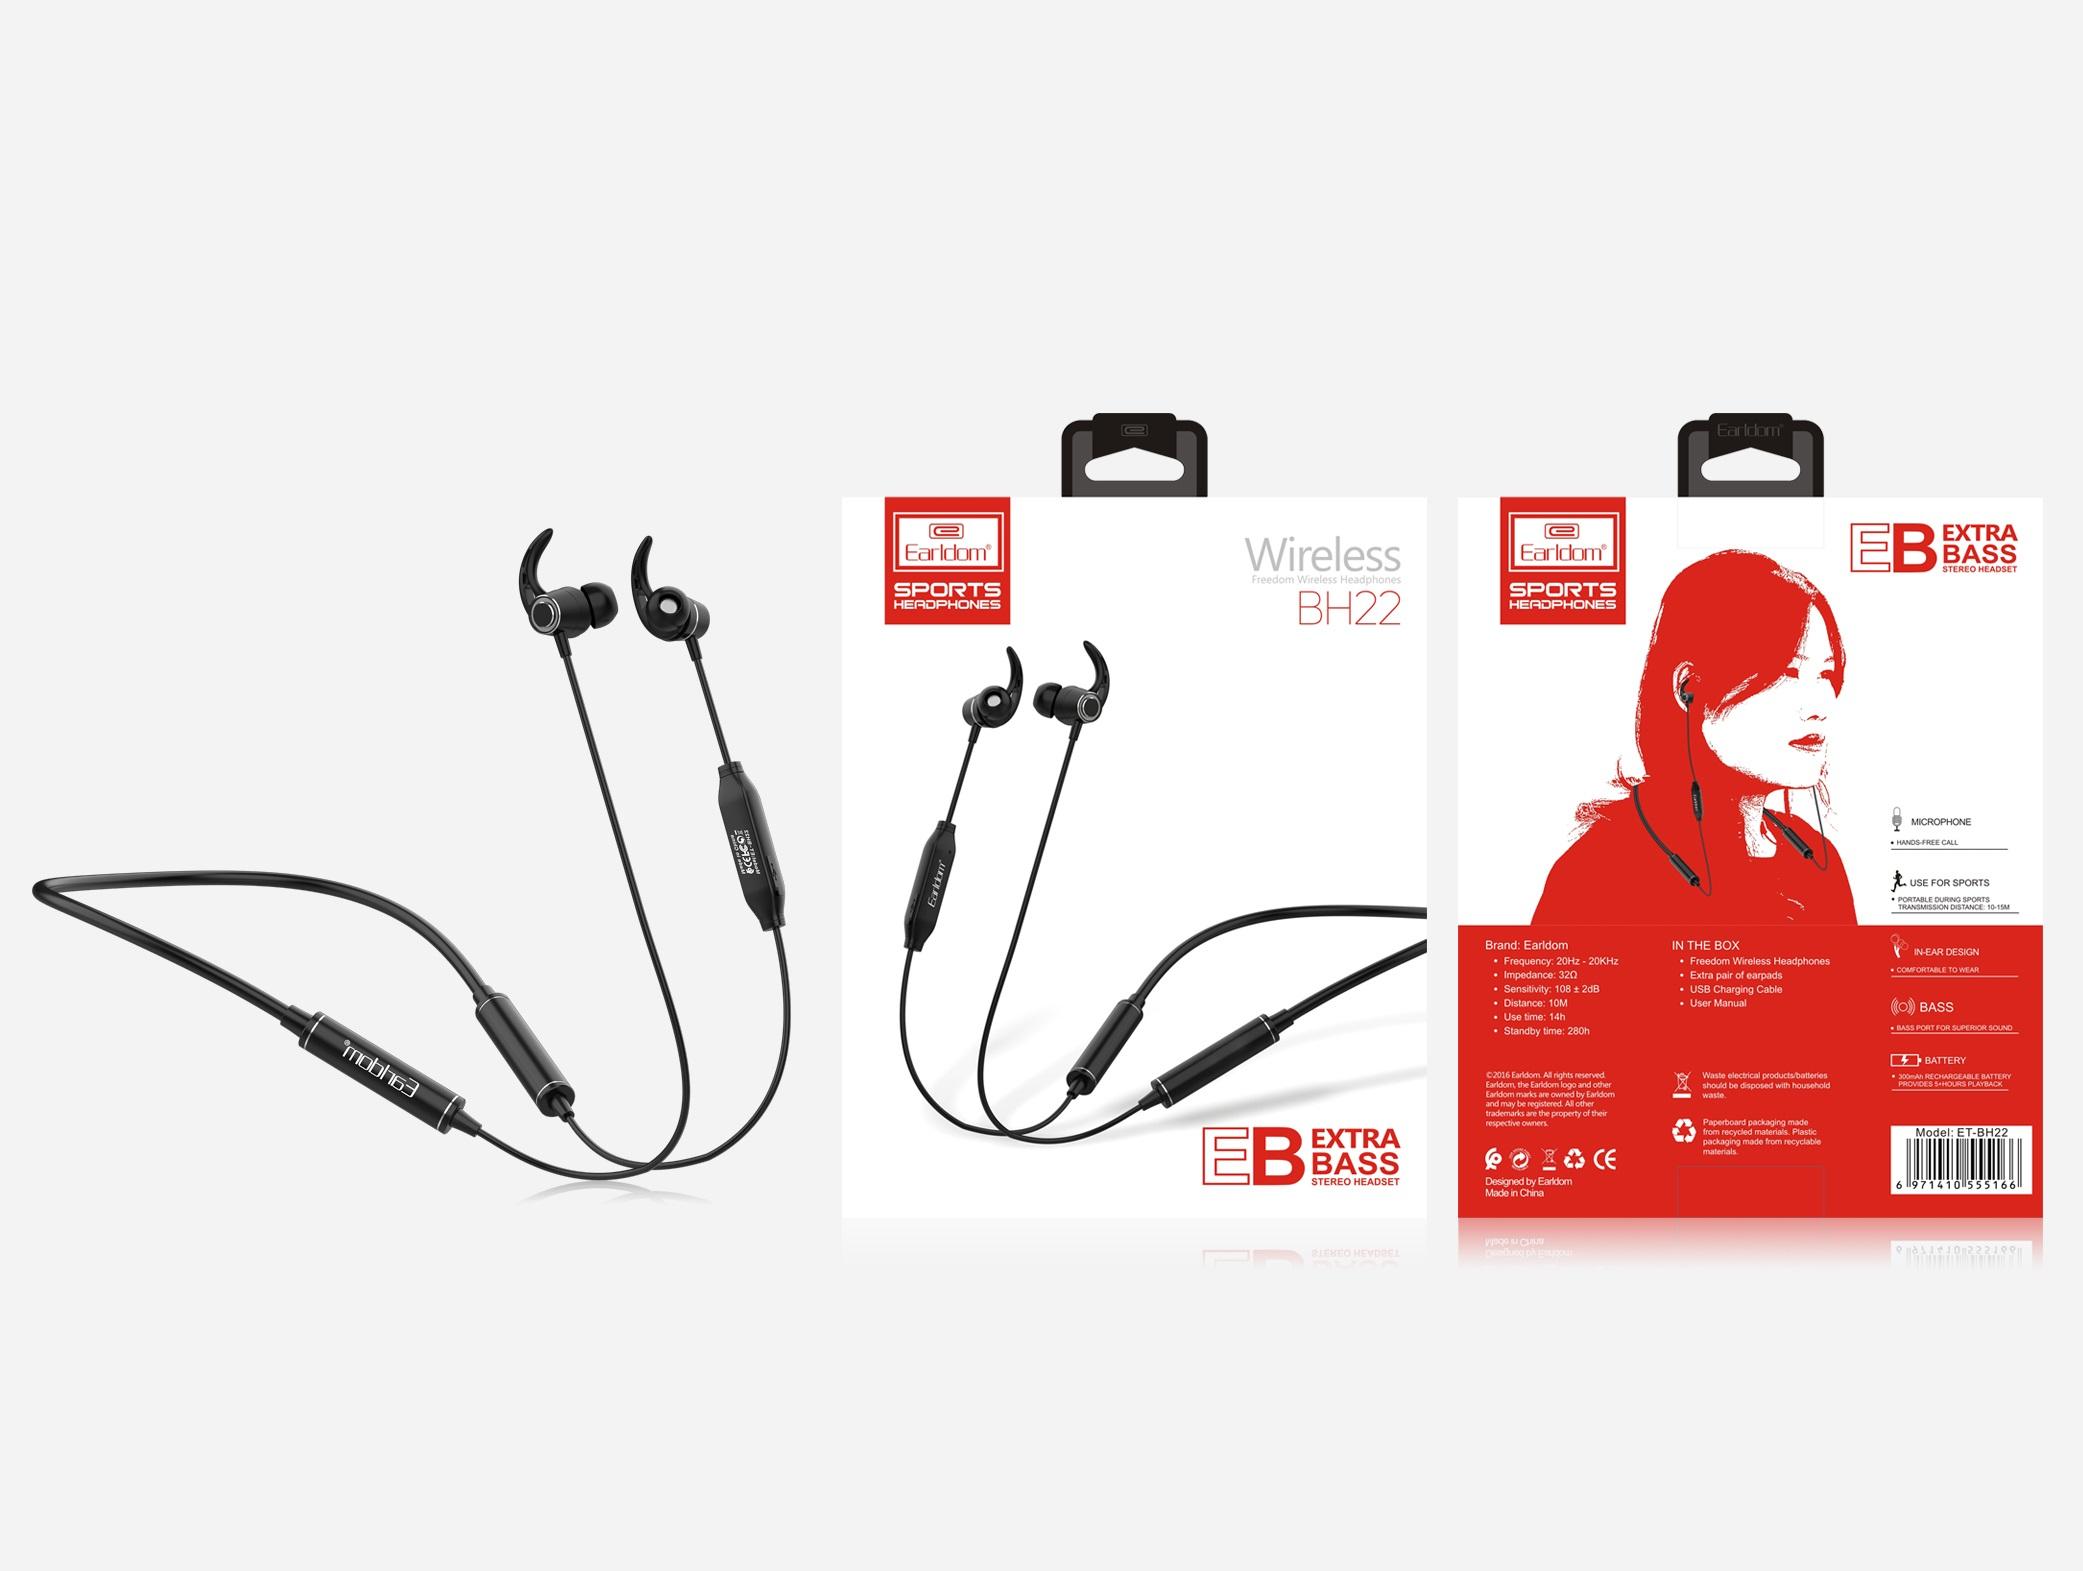 Tai Nghe Bluetooth Cá Tính Earldom BH22 (2 Tai, Có Dây) - Hàng Chính Hãng